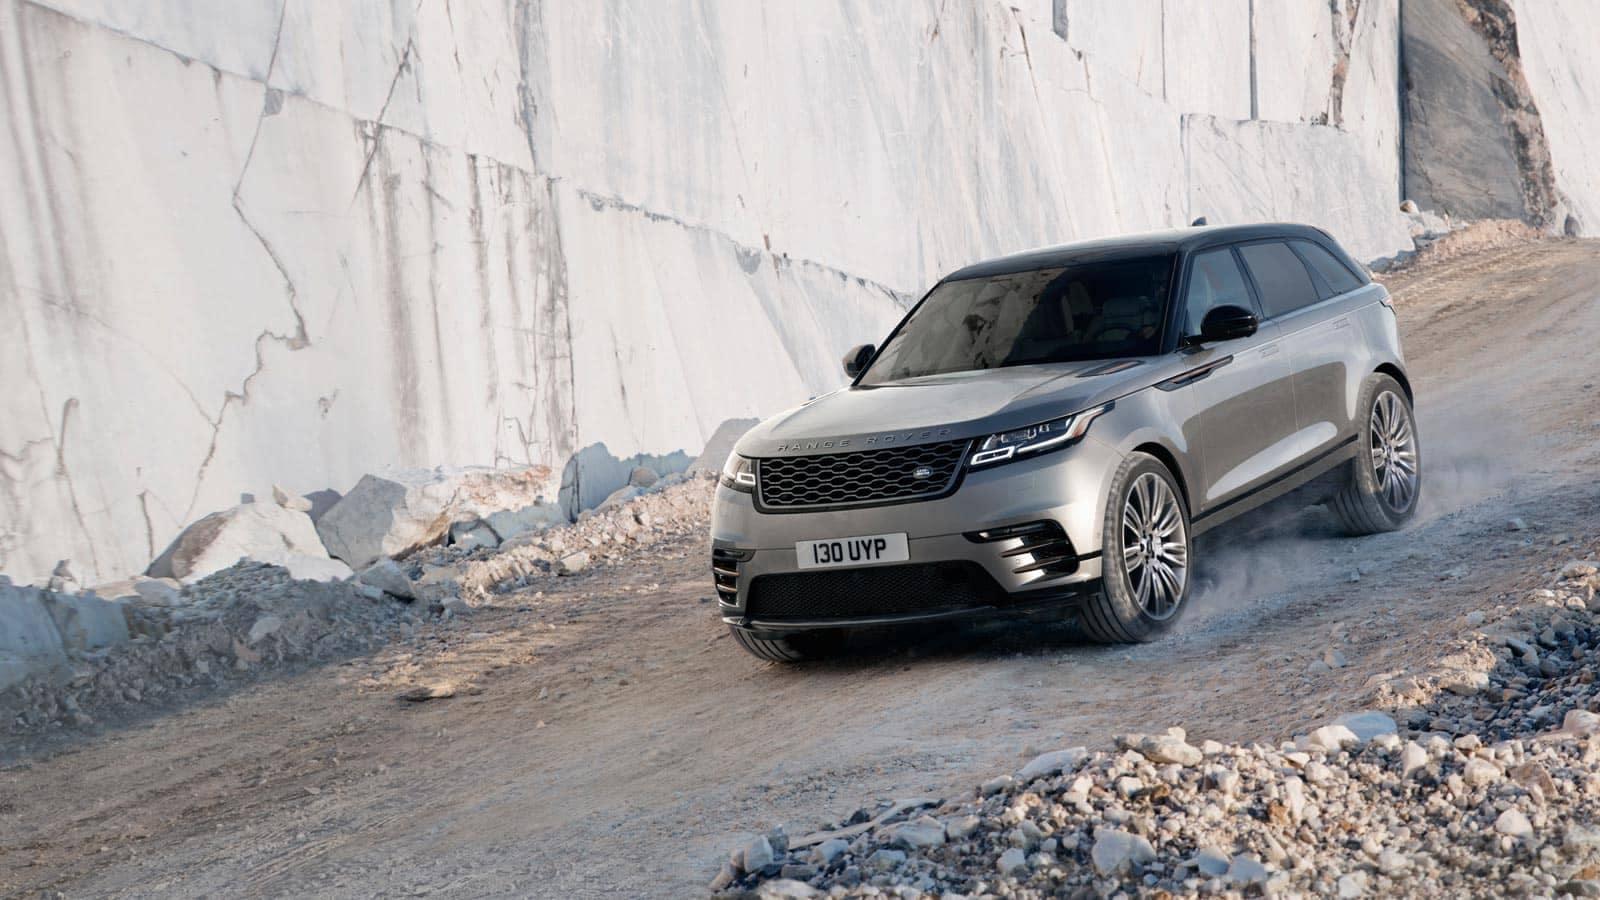 2019 Land Rover Range Rover Velar driving down slope